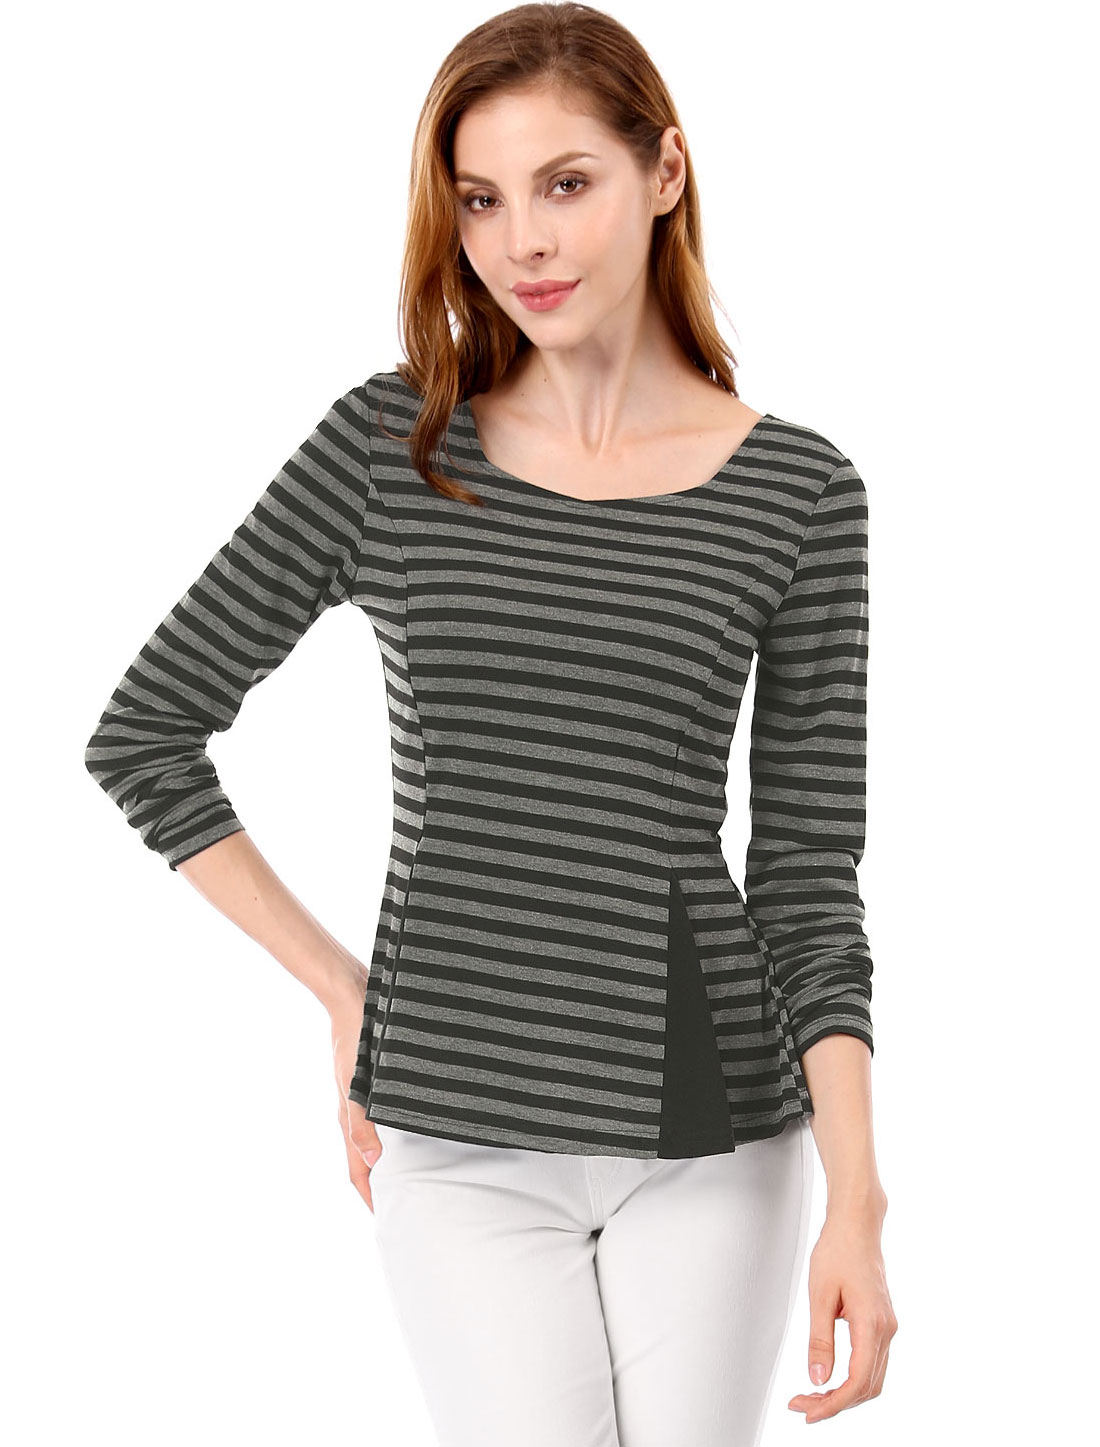 c21d31d2c60 Allegra K Women Scoop Neck Stripes Long Sleeves Peplum Blouse Black White S